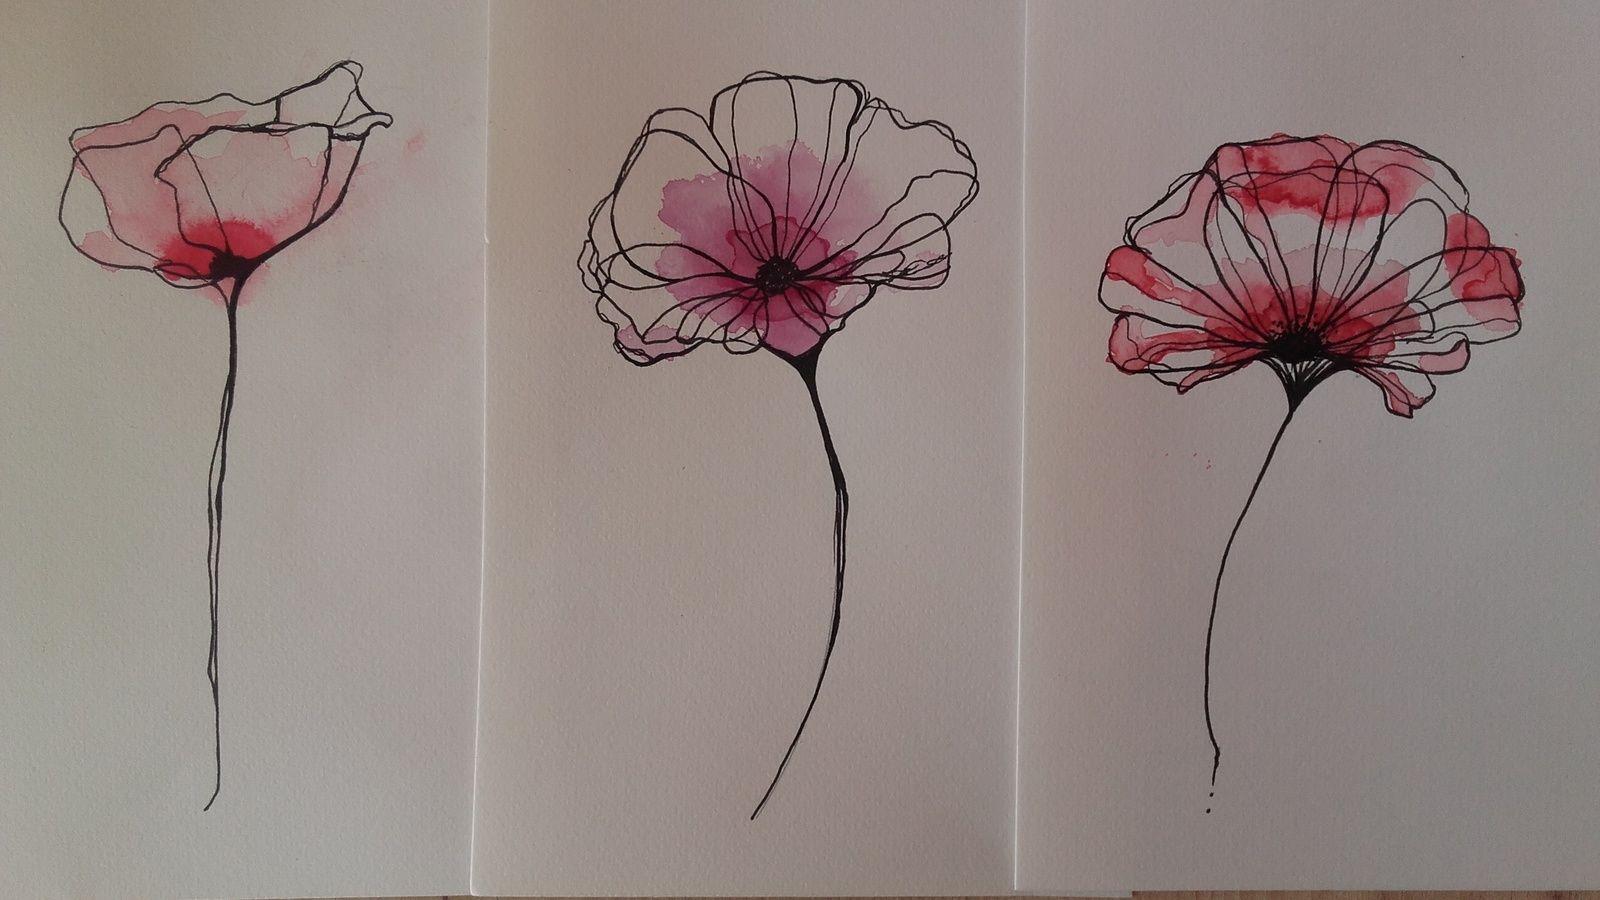 Dessins Realises Au Crayon Noir Et Aquarelle Format A5 Tattoo